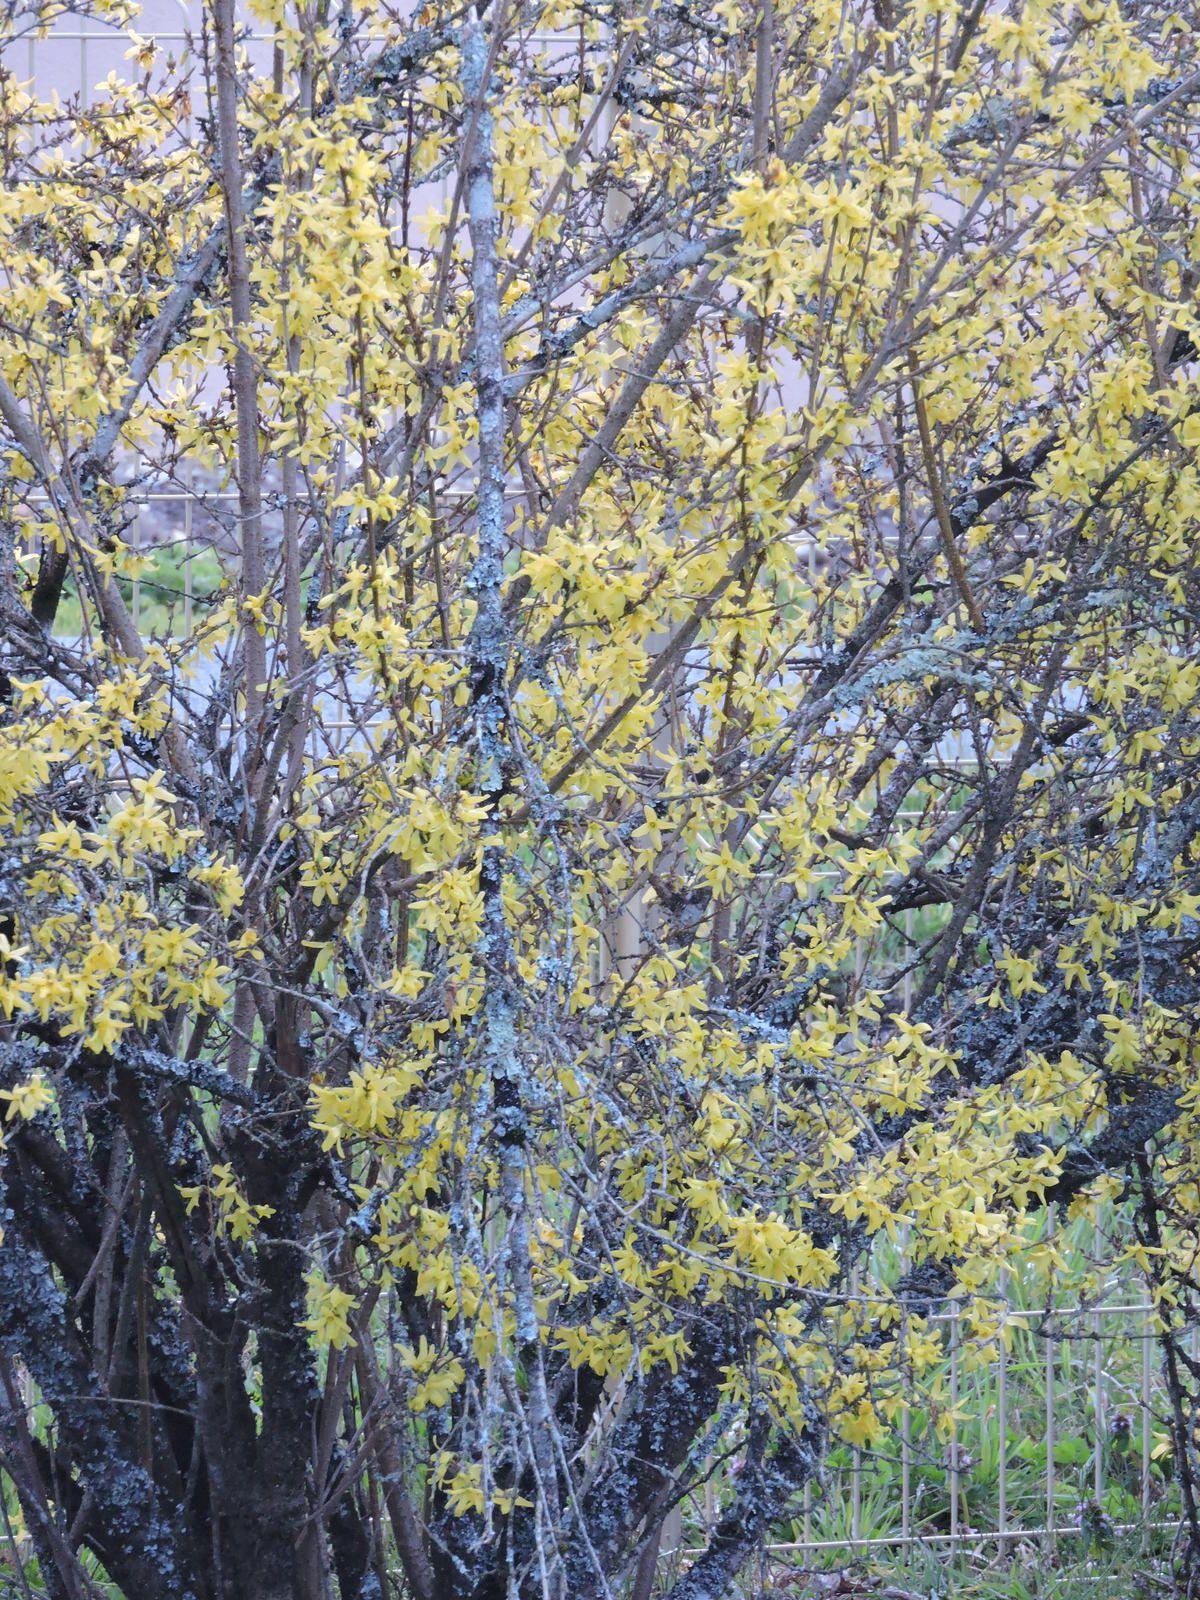 La nature se réveille doucement au loin le cerisier fleur commence a agiter ses clochettes roses .